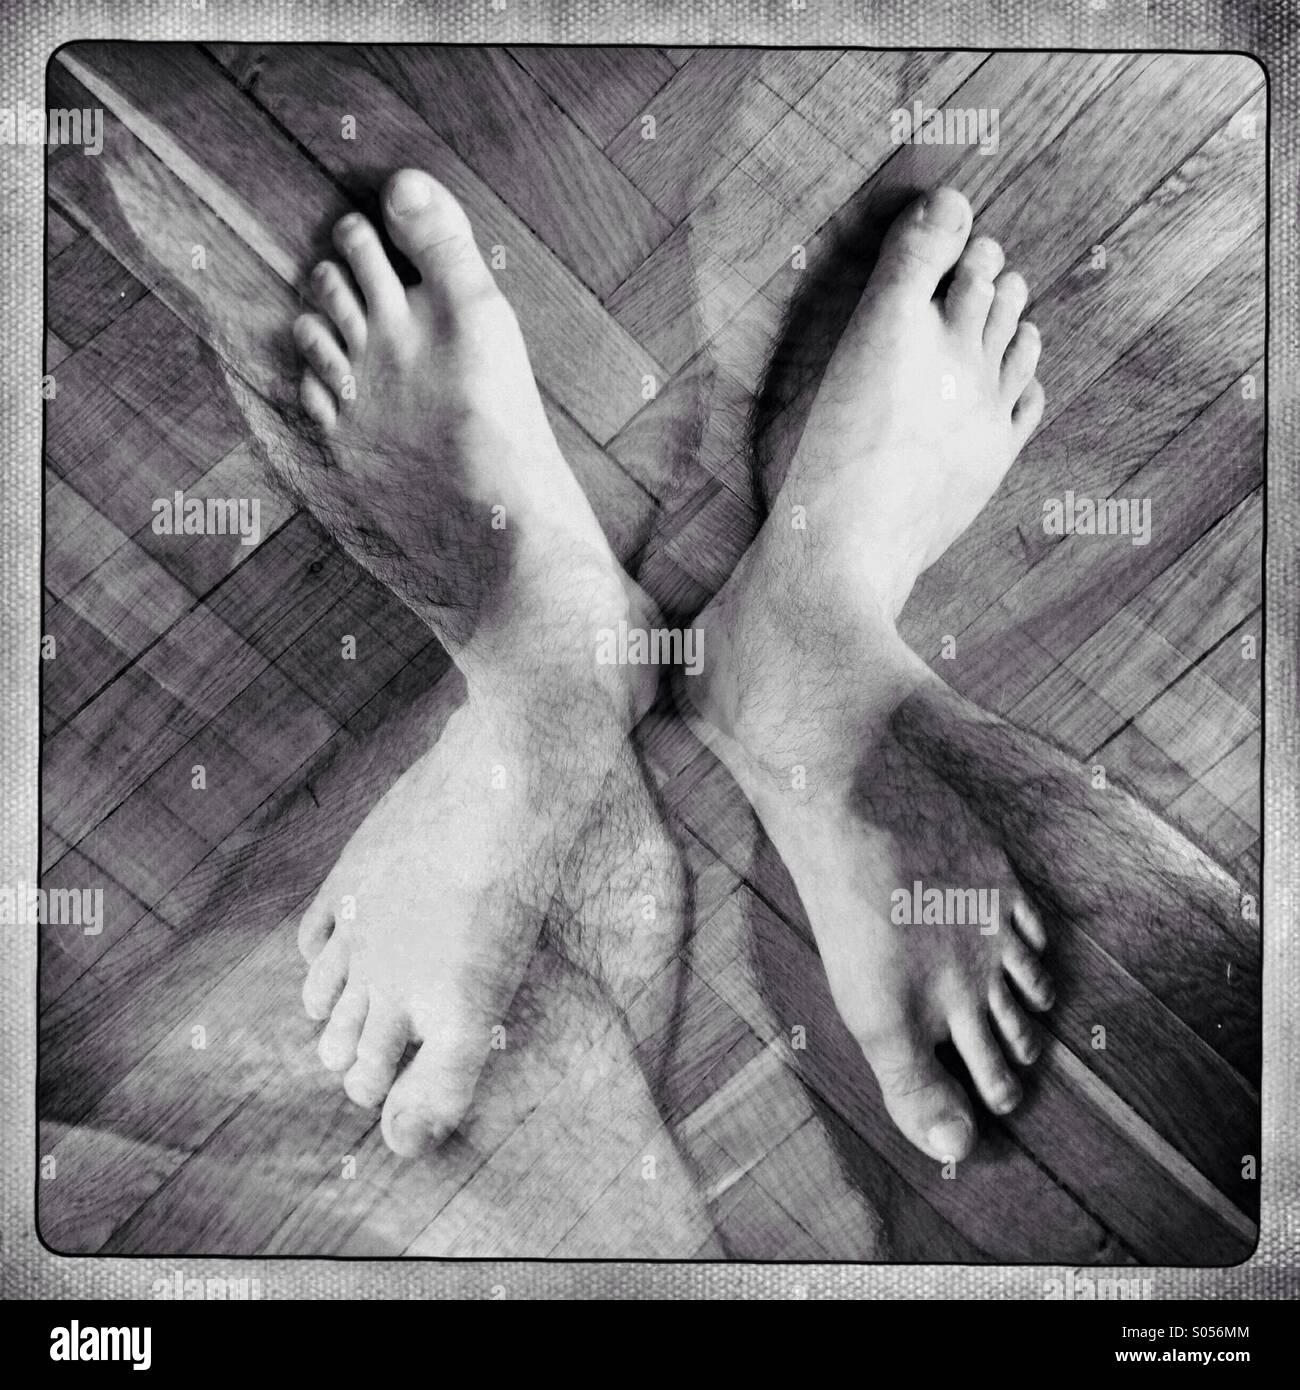 Une paire de pieds est vu dans une double exposition. Photo Stock